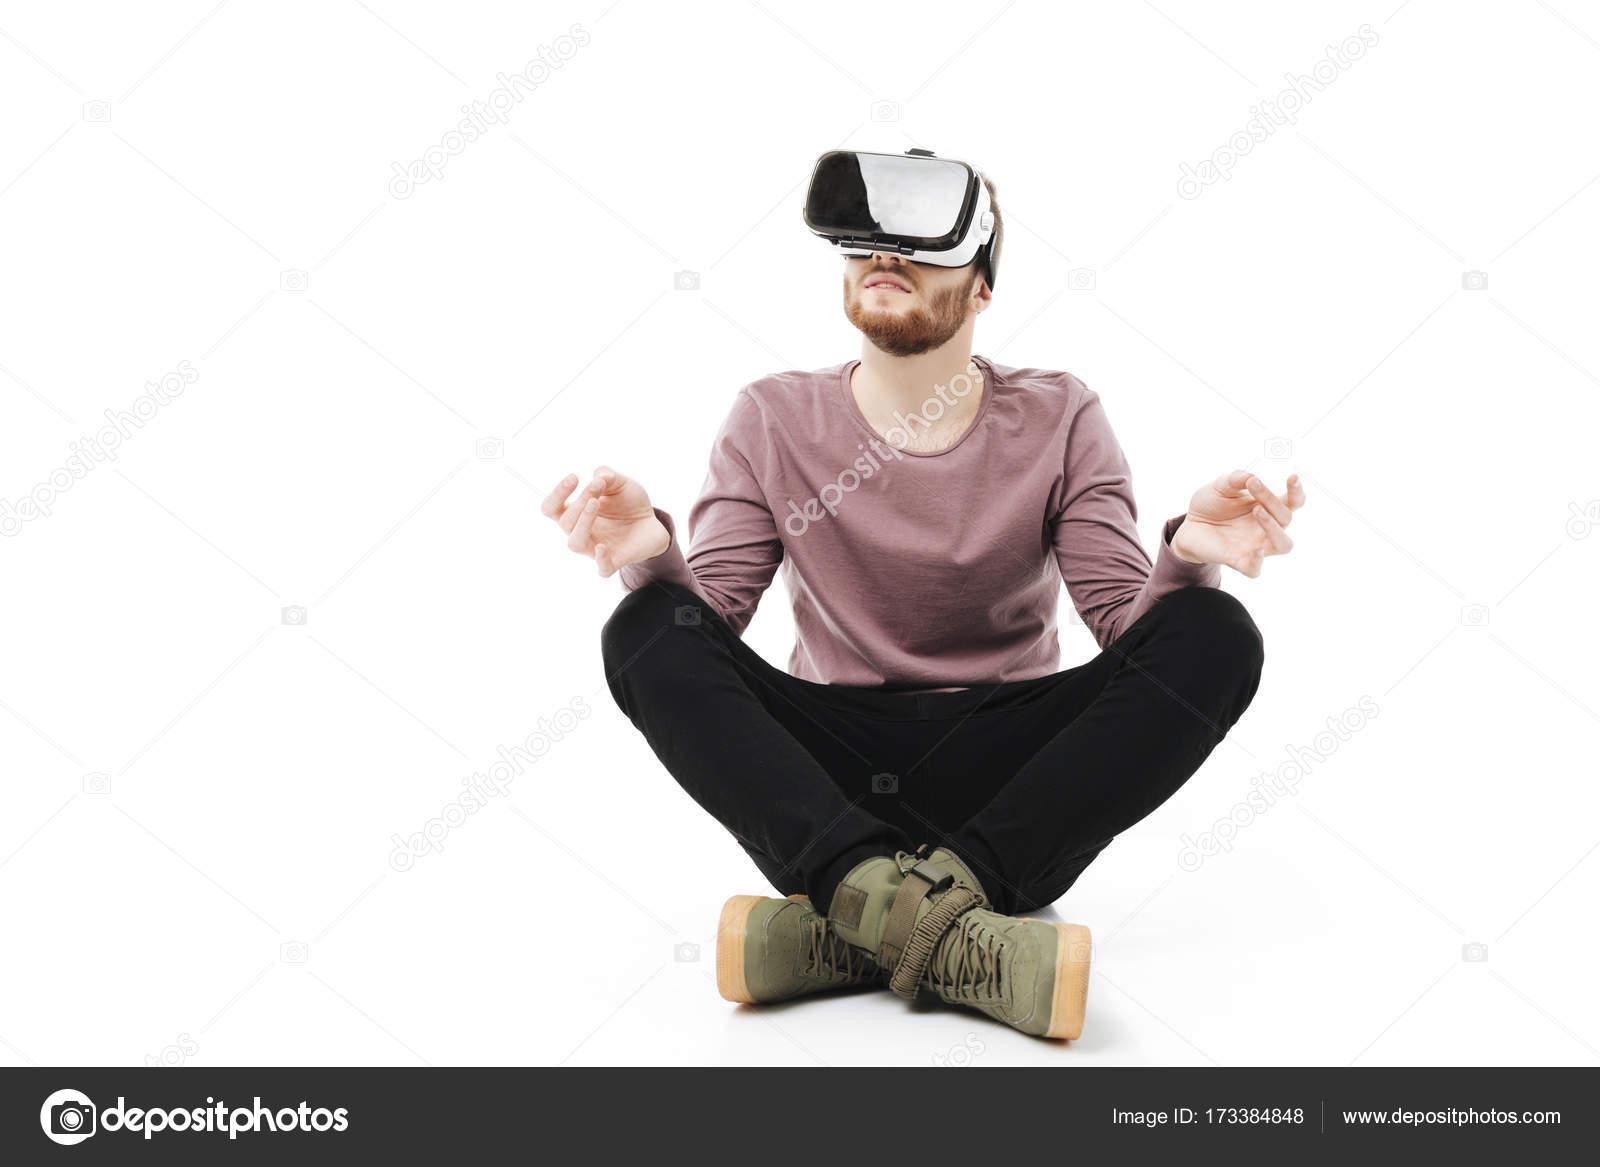 3691fb12f707b0 Jeune homme assis dans le studio et méditer tout en utilisant des lunettes  de réalité virtuelle isolés. Garçon souriant, jouant avec des lunettes de  réalité ...